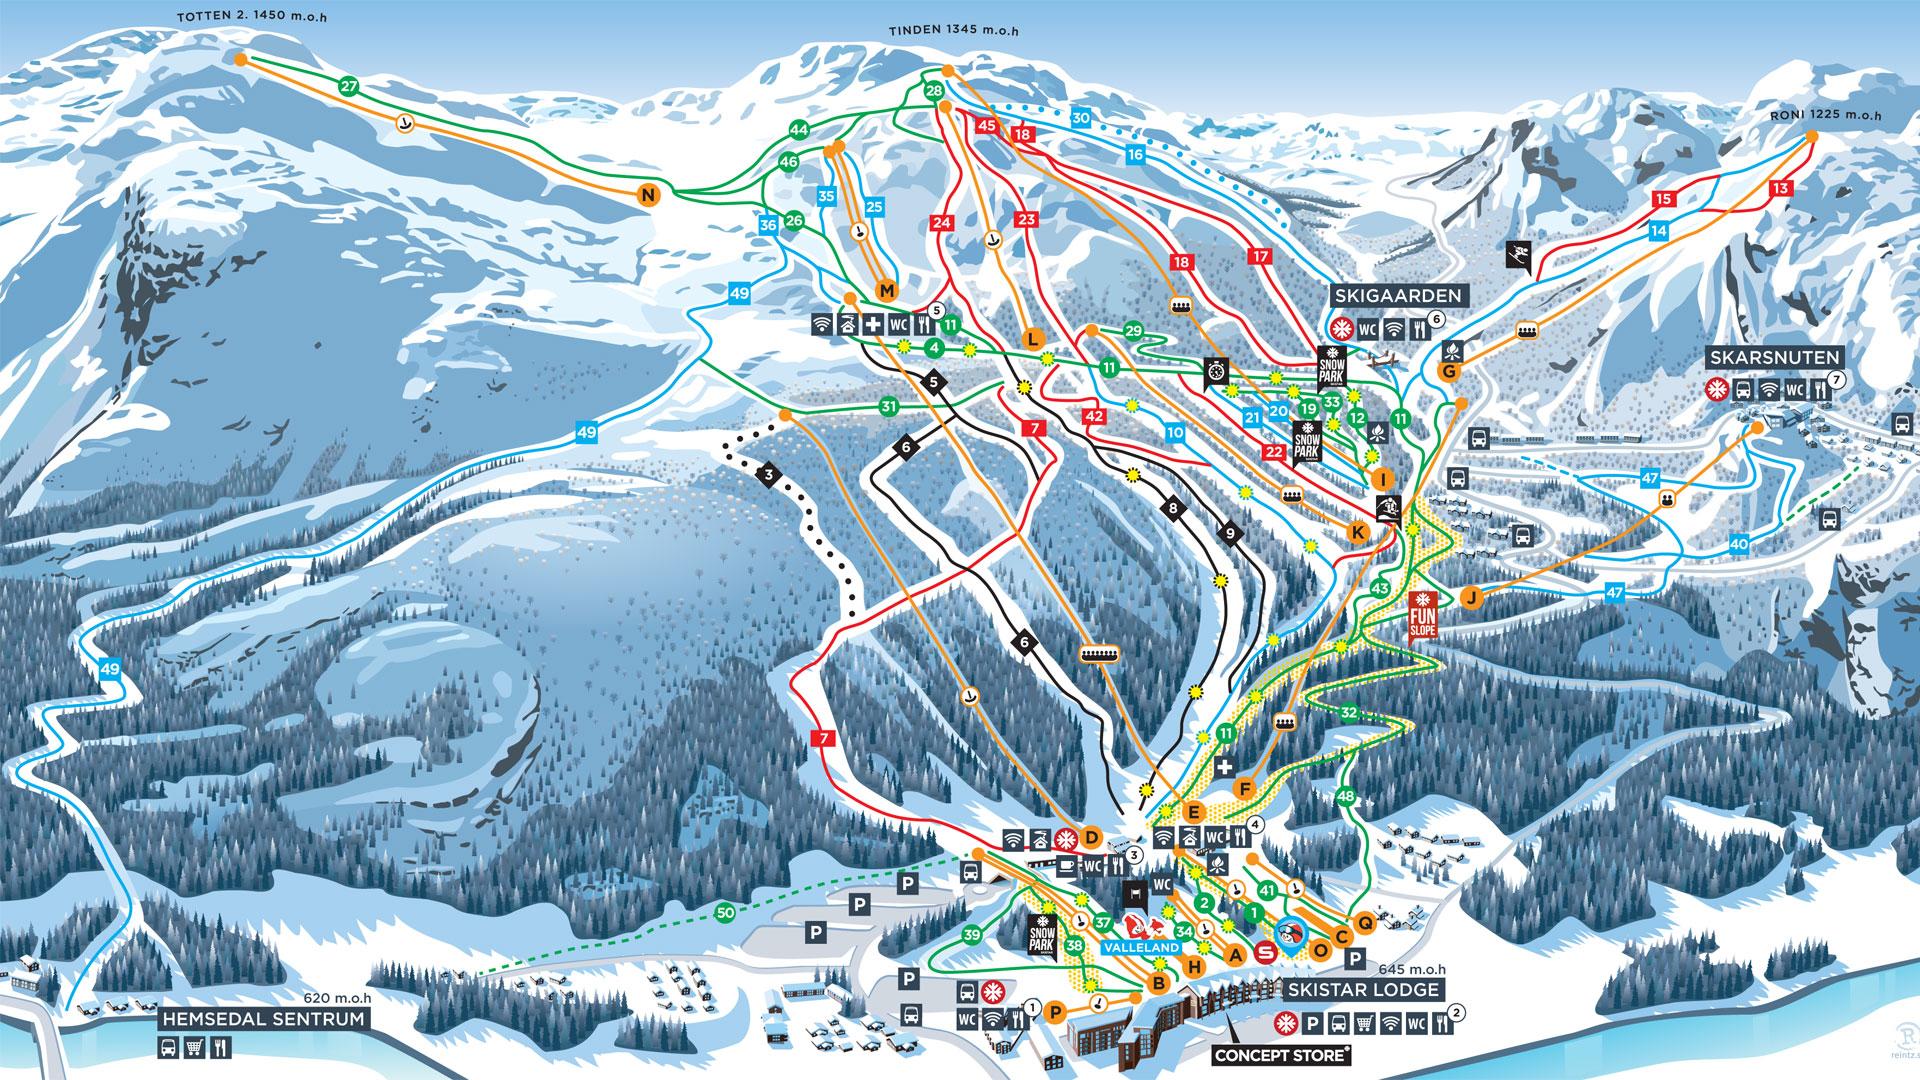 Горные лыжи лучше сноуборда!